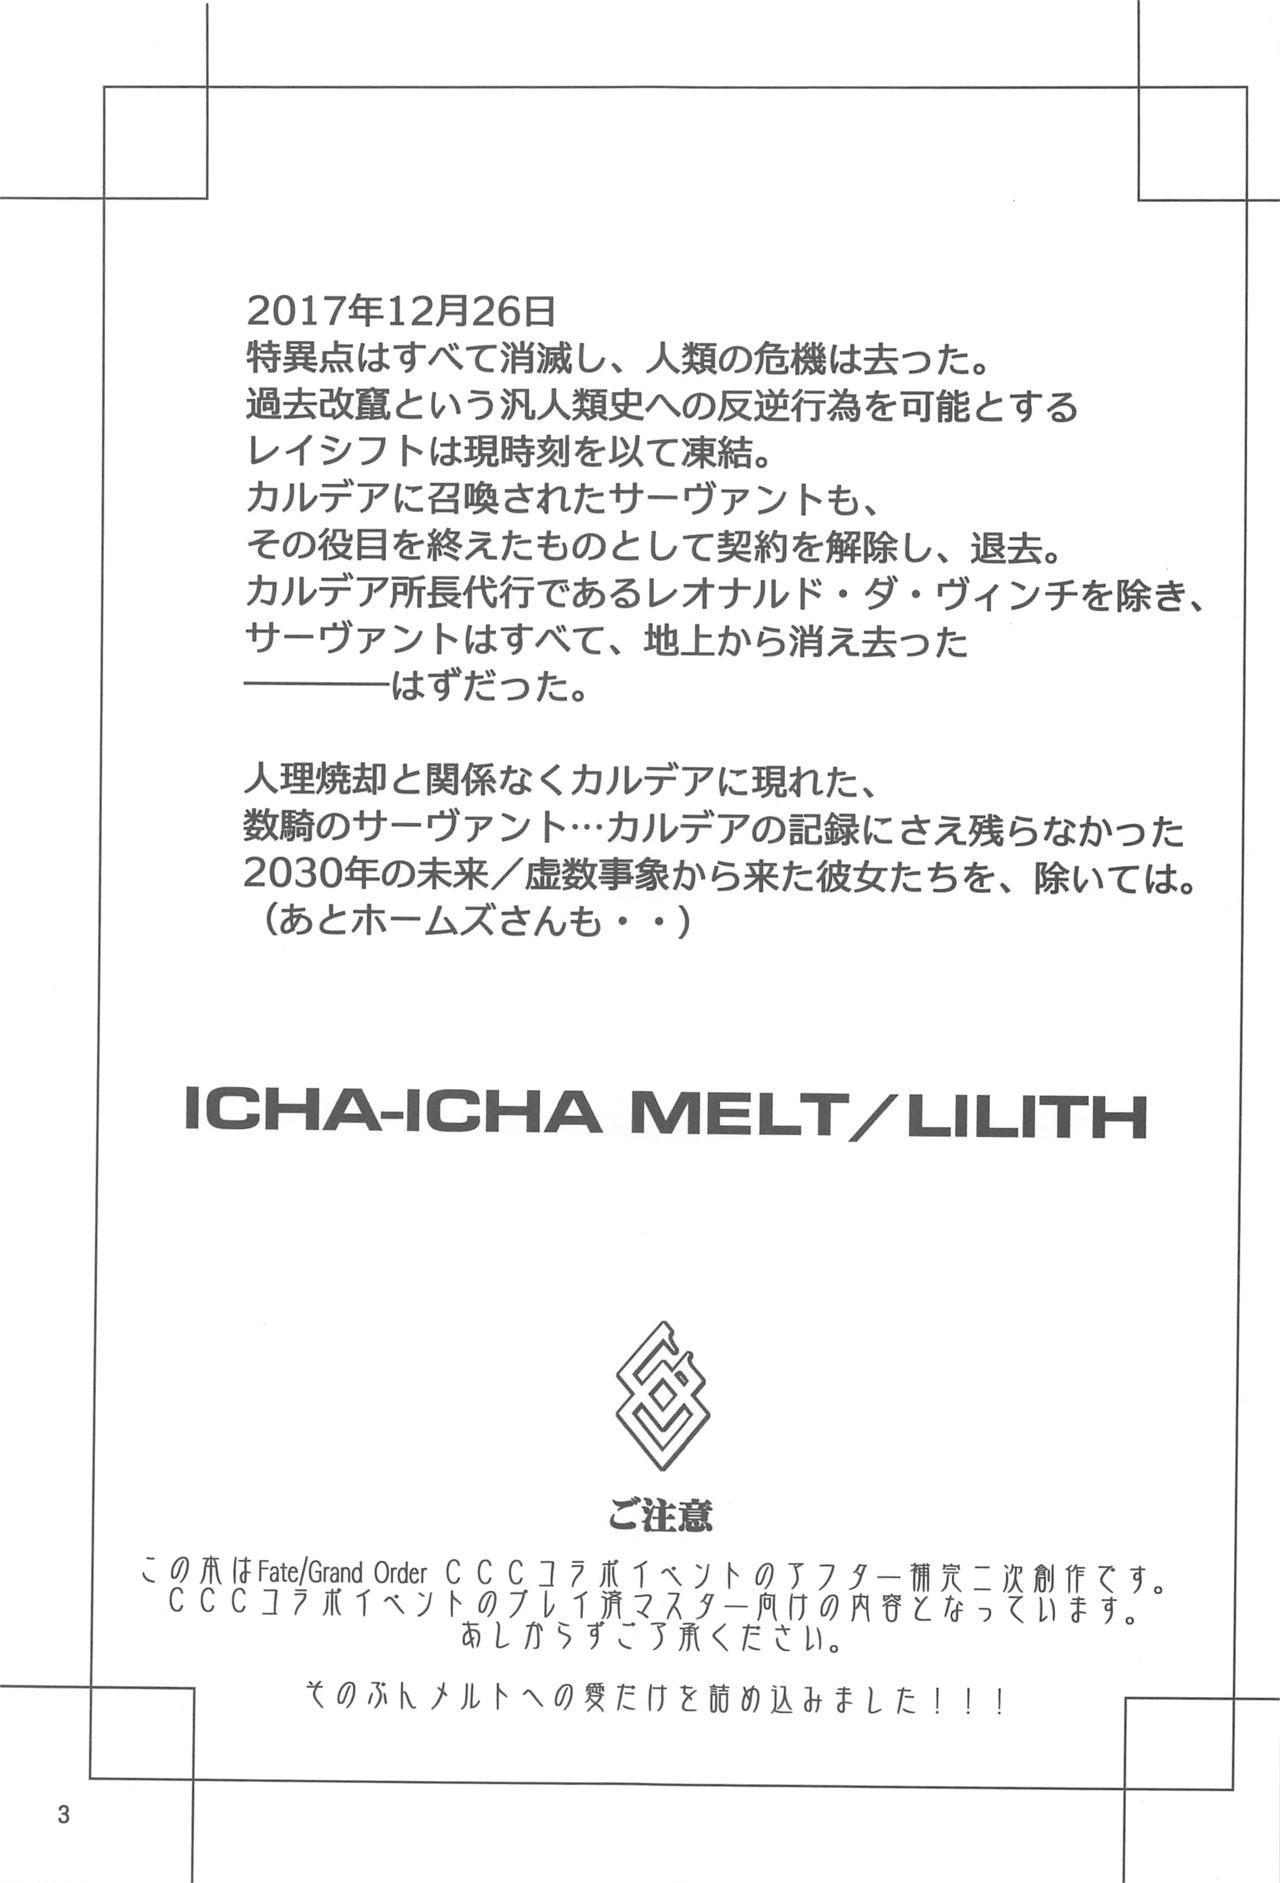 Ichaicha Meltlilith 1